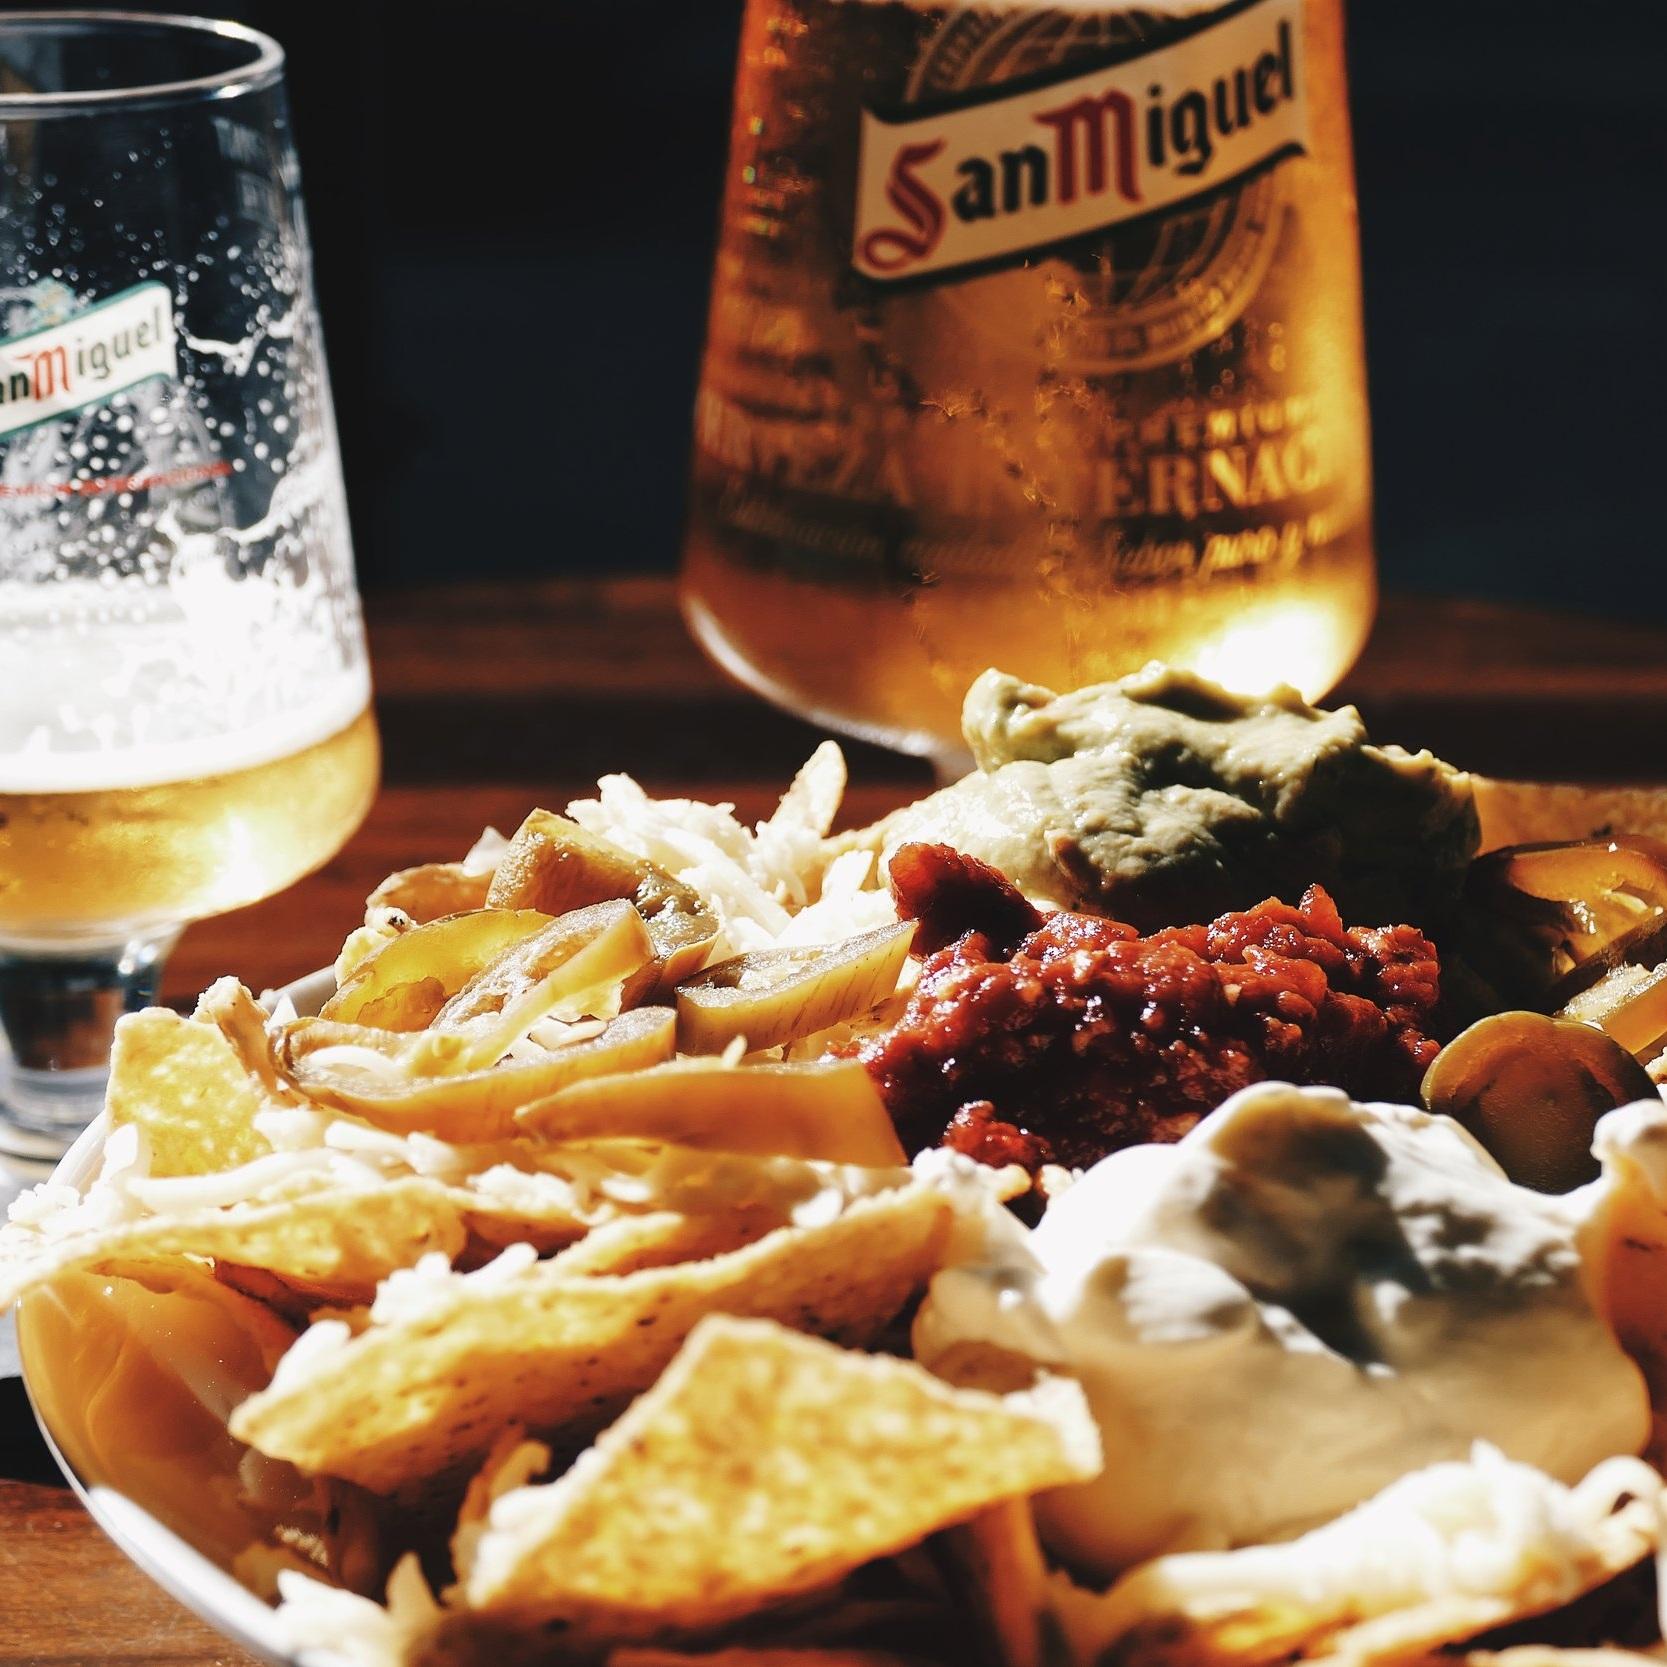 NACHOS - TORTILLA CHIPS | MOZZARELLA | SALSA | GUACAMOLE | SOUR CREAM. ADD JALAPENOS FOR A KICK!